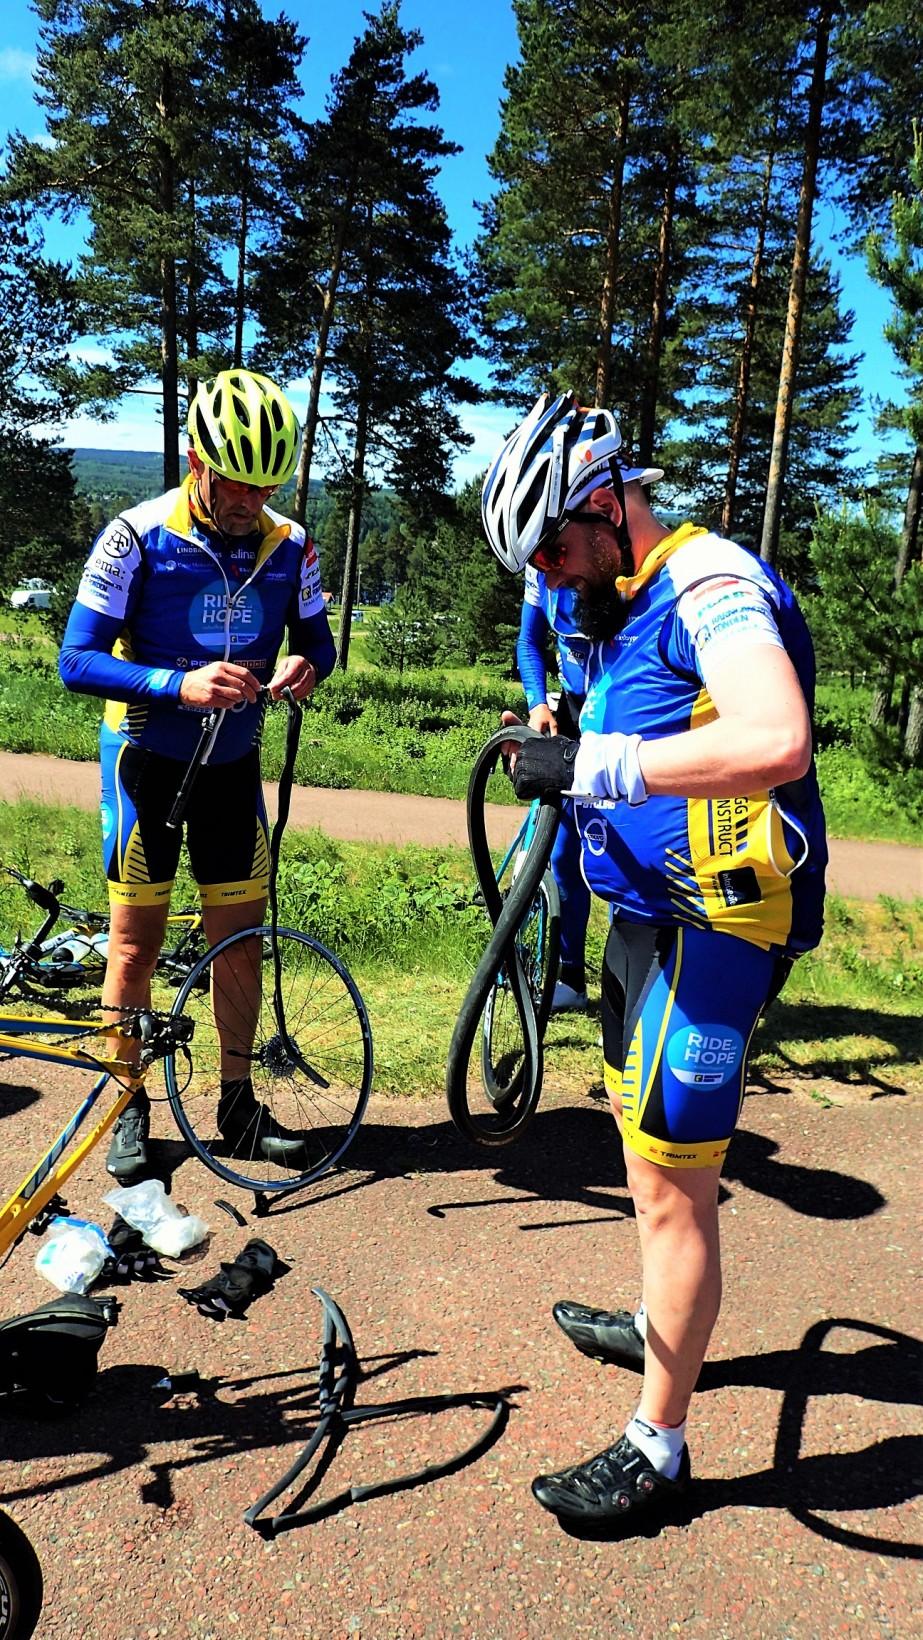 Dagens enda punka stod Roffe för i Leksand. Med lite mekhjälp av Claes så var vi snart på rull igen.